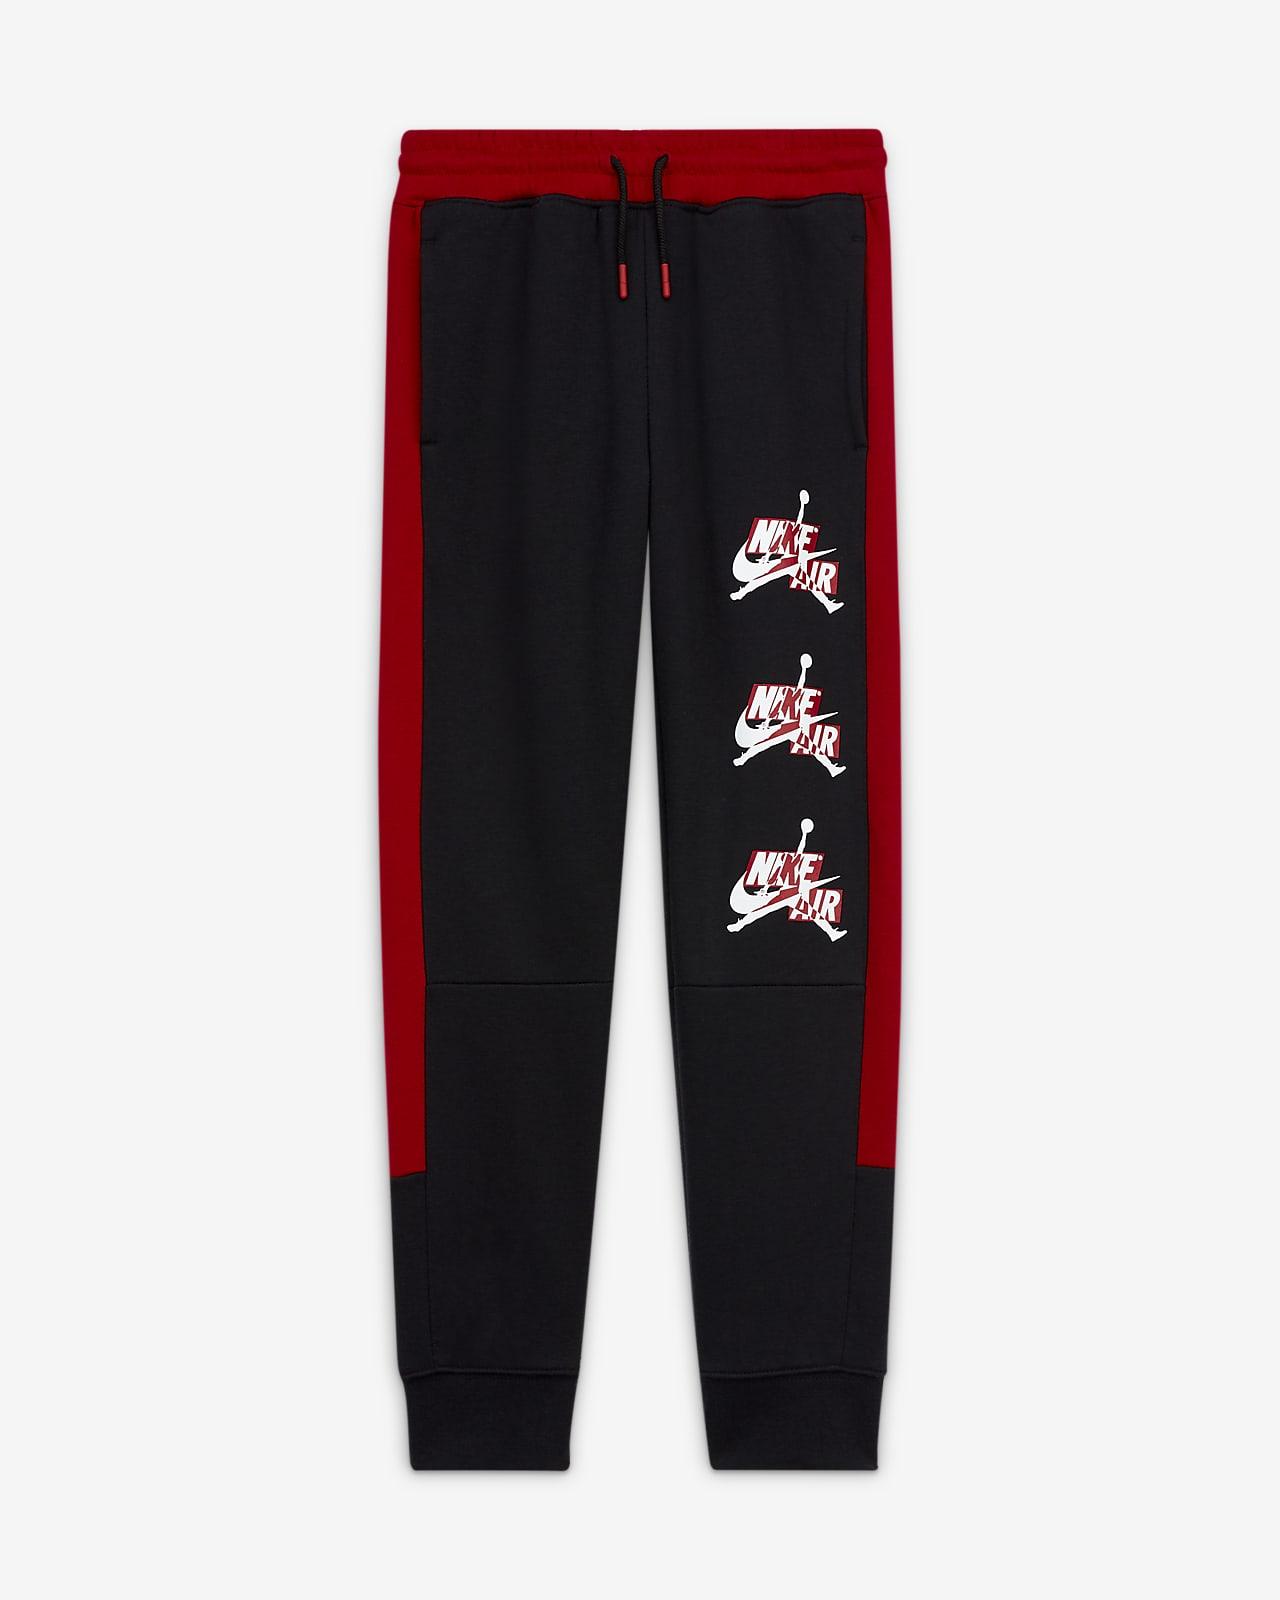 Kalhoty Jordan pro větší děti (chlapce)